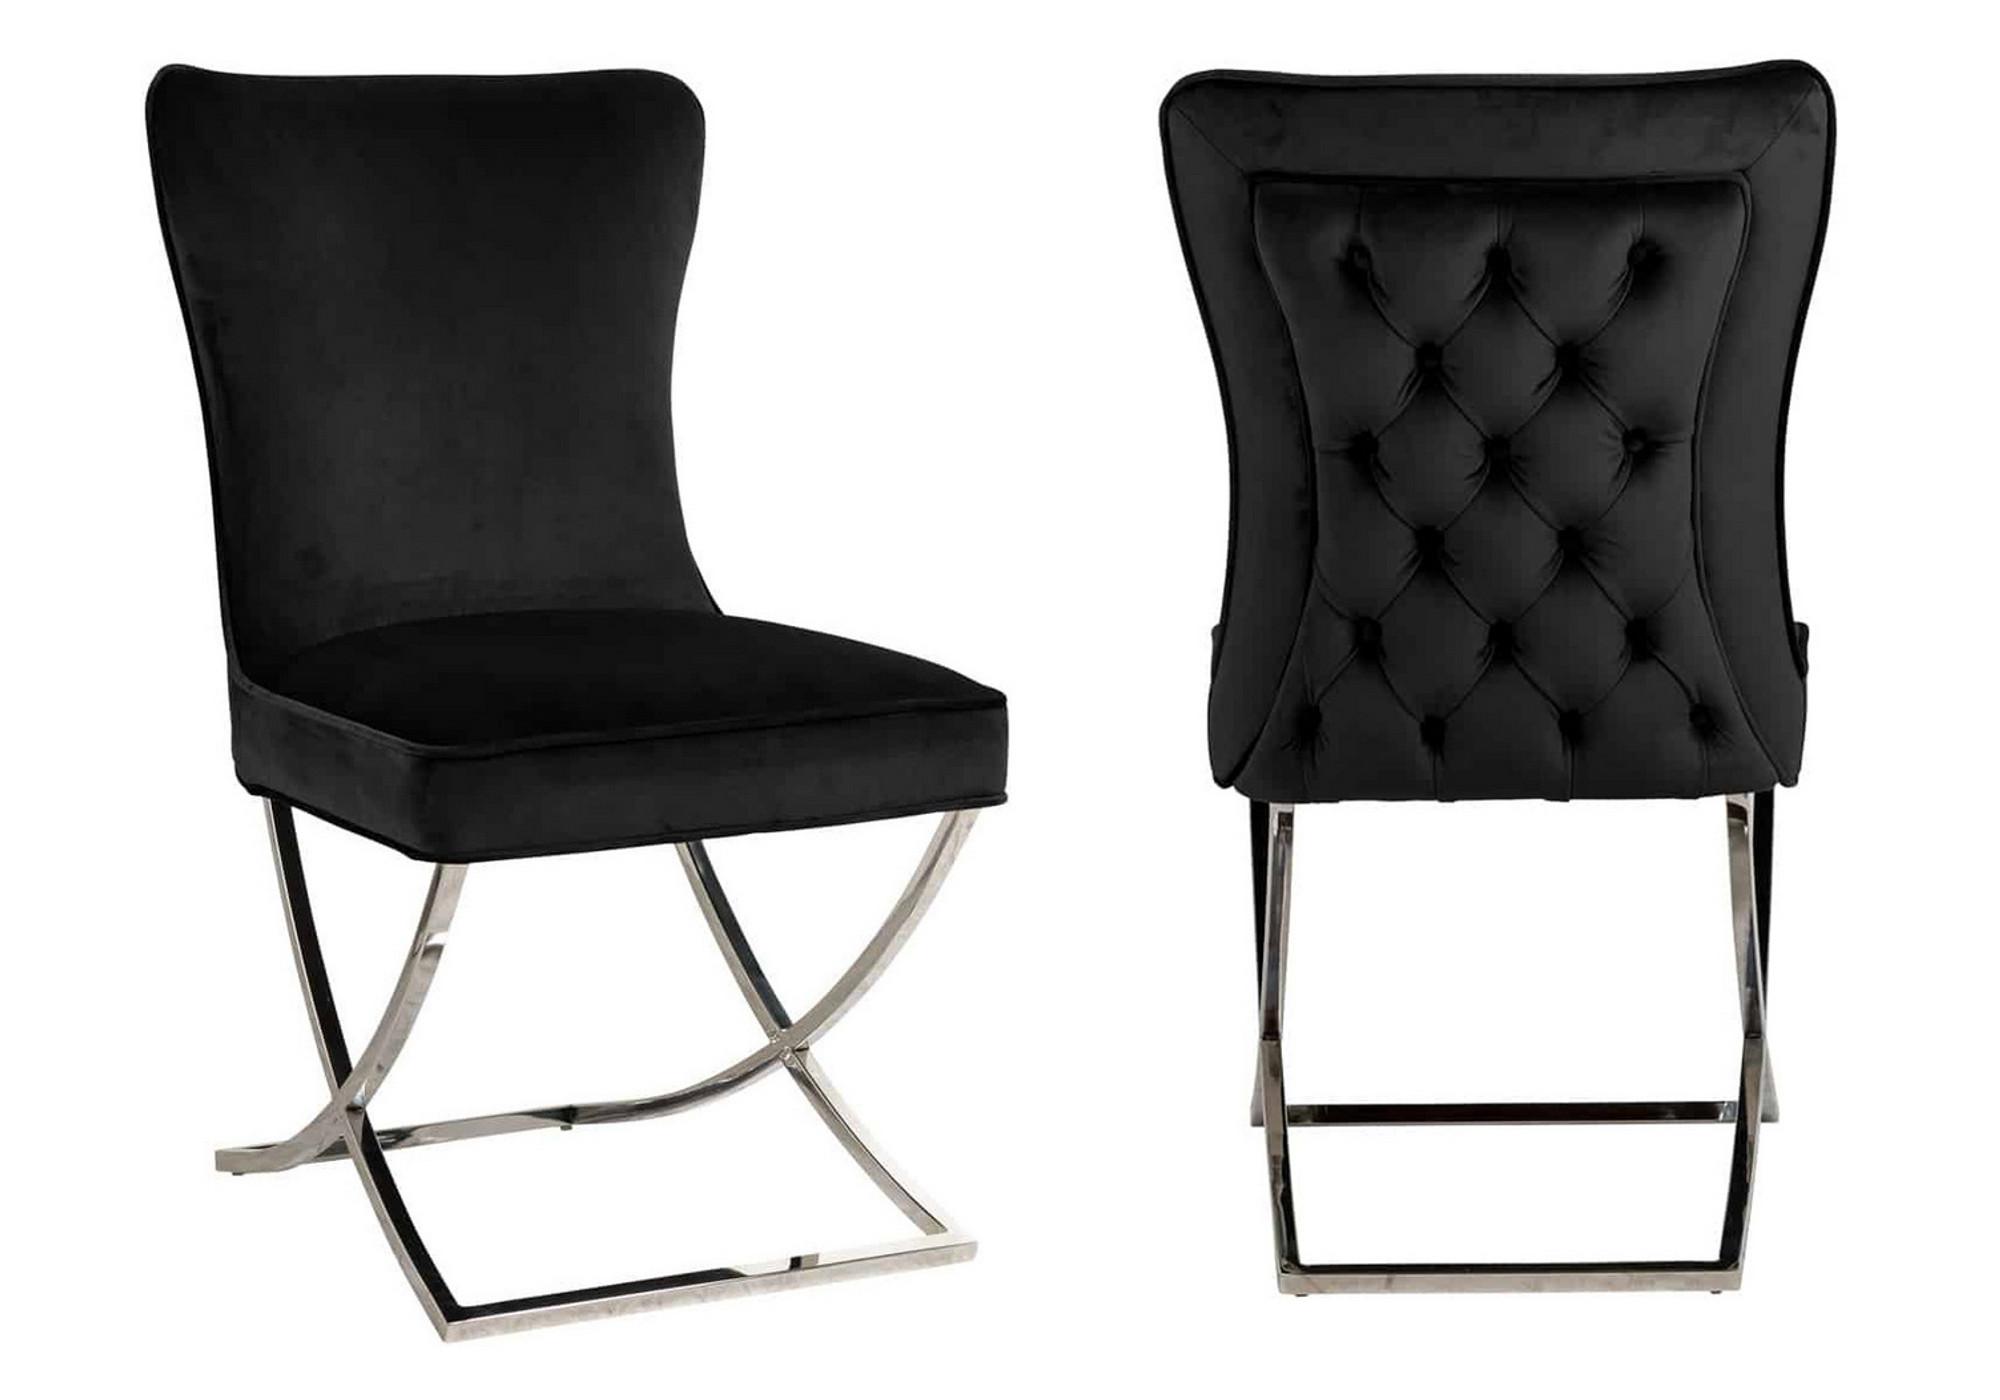 Chaises design capitonné noir ENZO